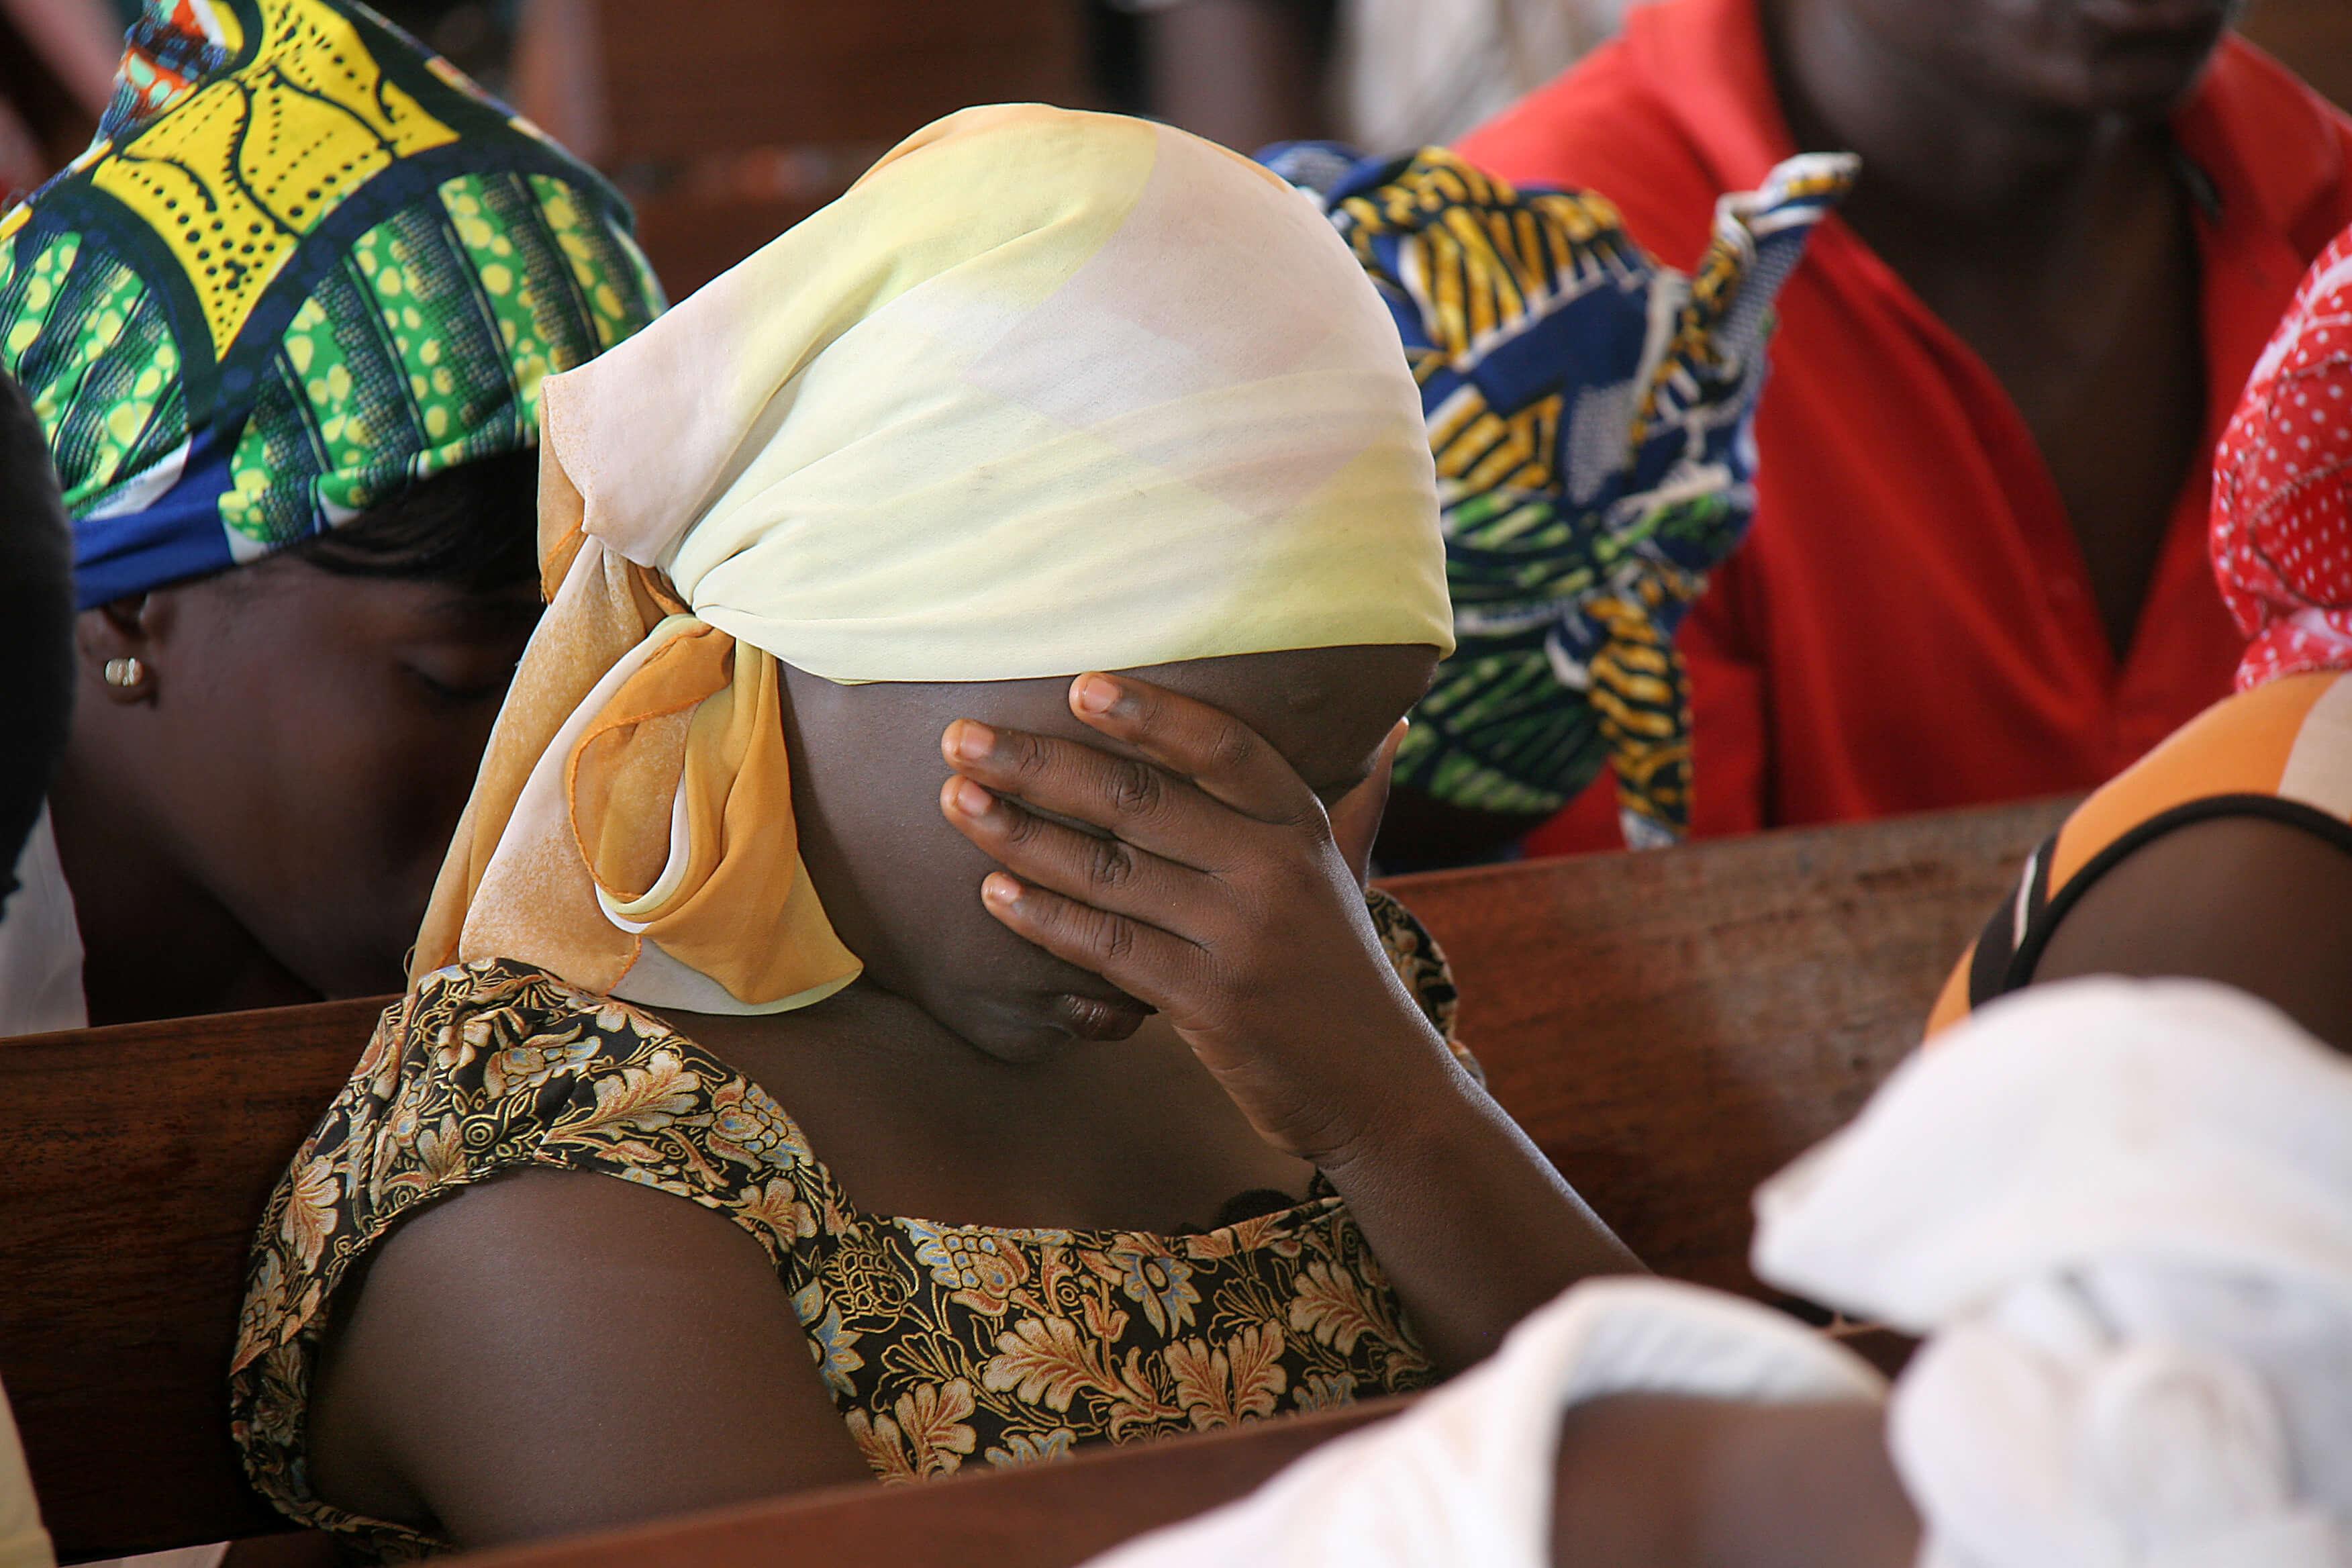 OpenDoors: Frau in Nigeria betet und bedeckt Gesicht, Bild zum Weltverfolgungsindex 2017